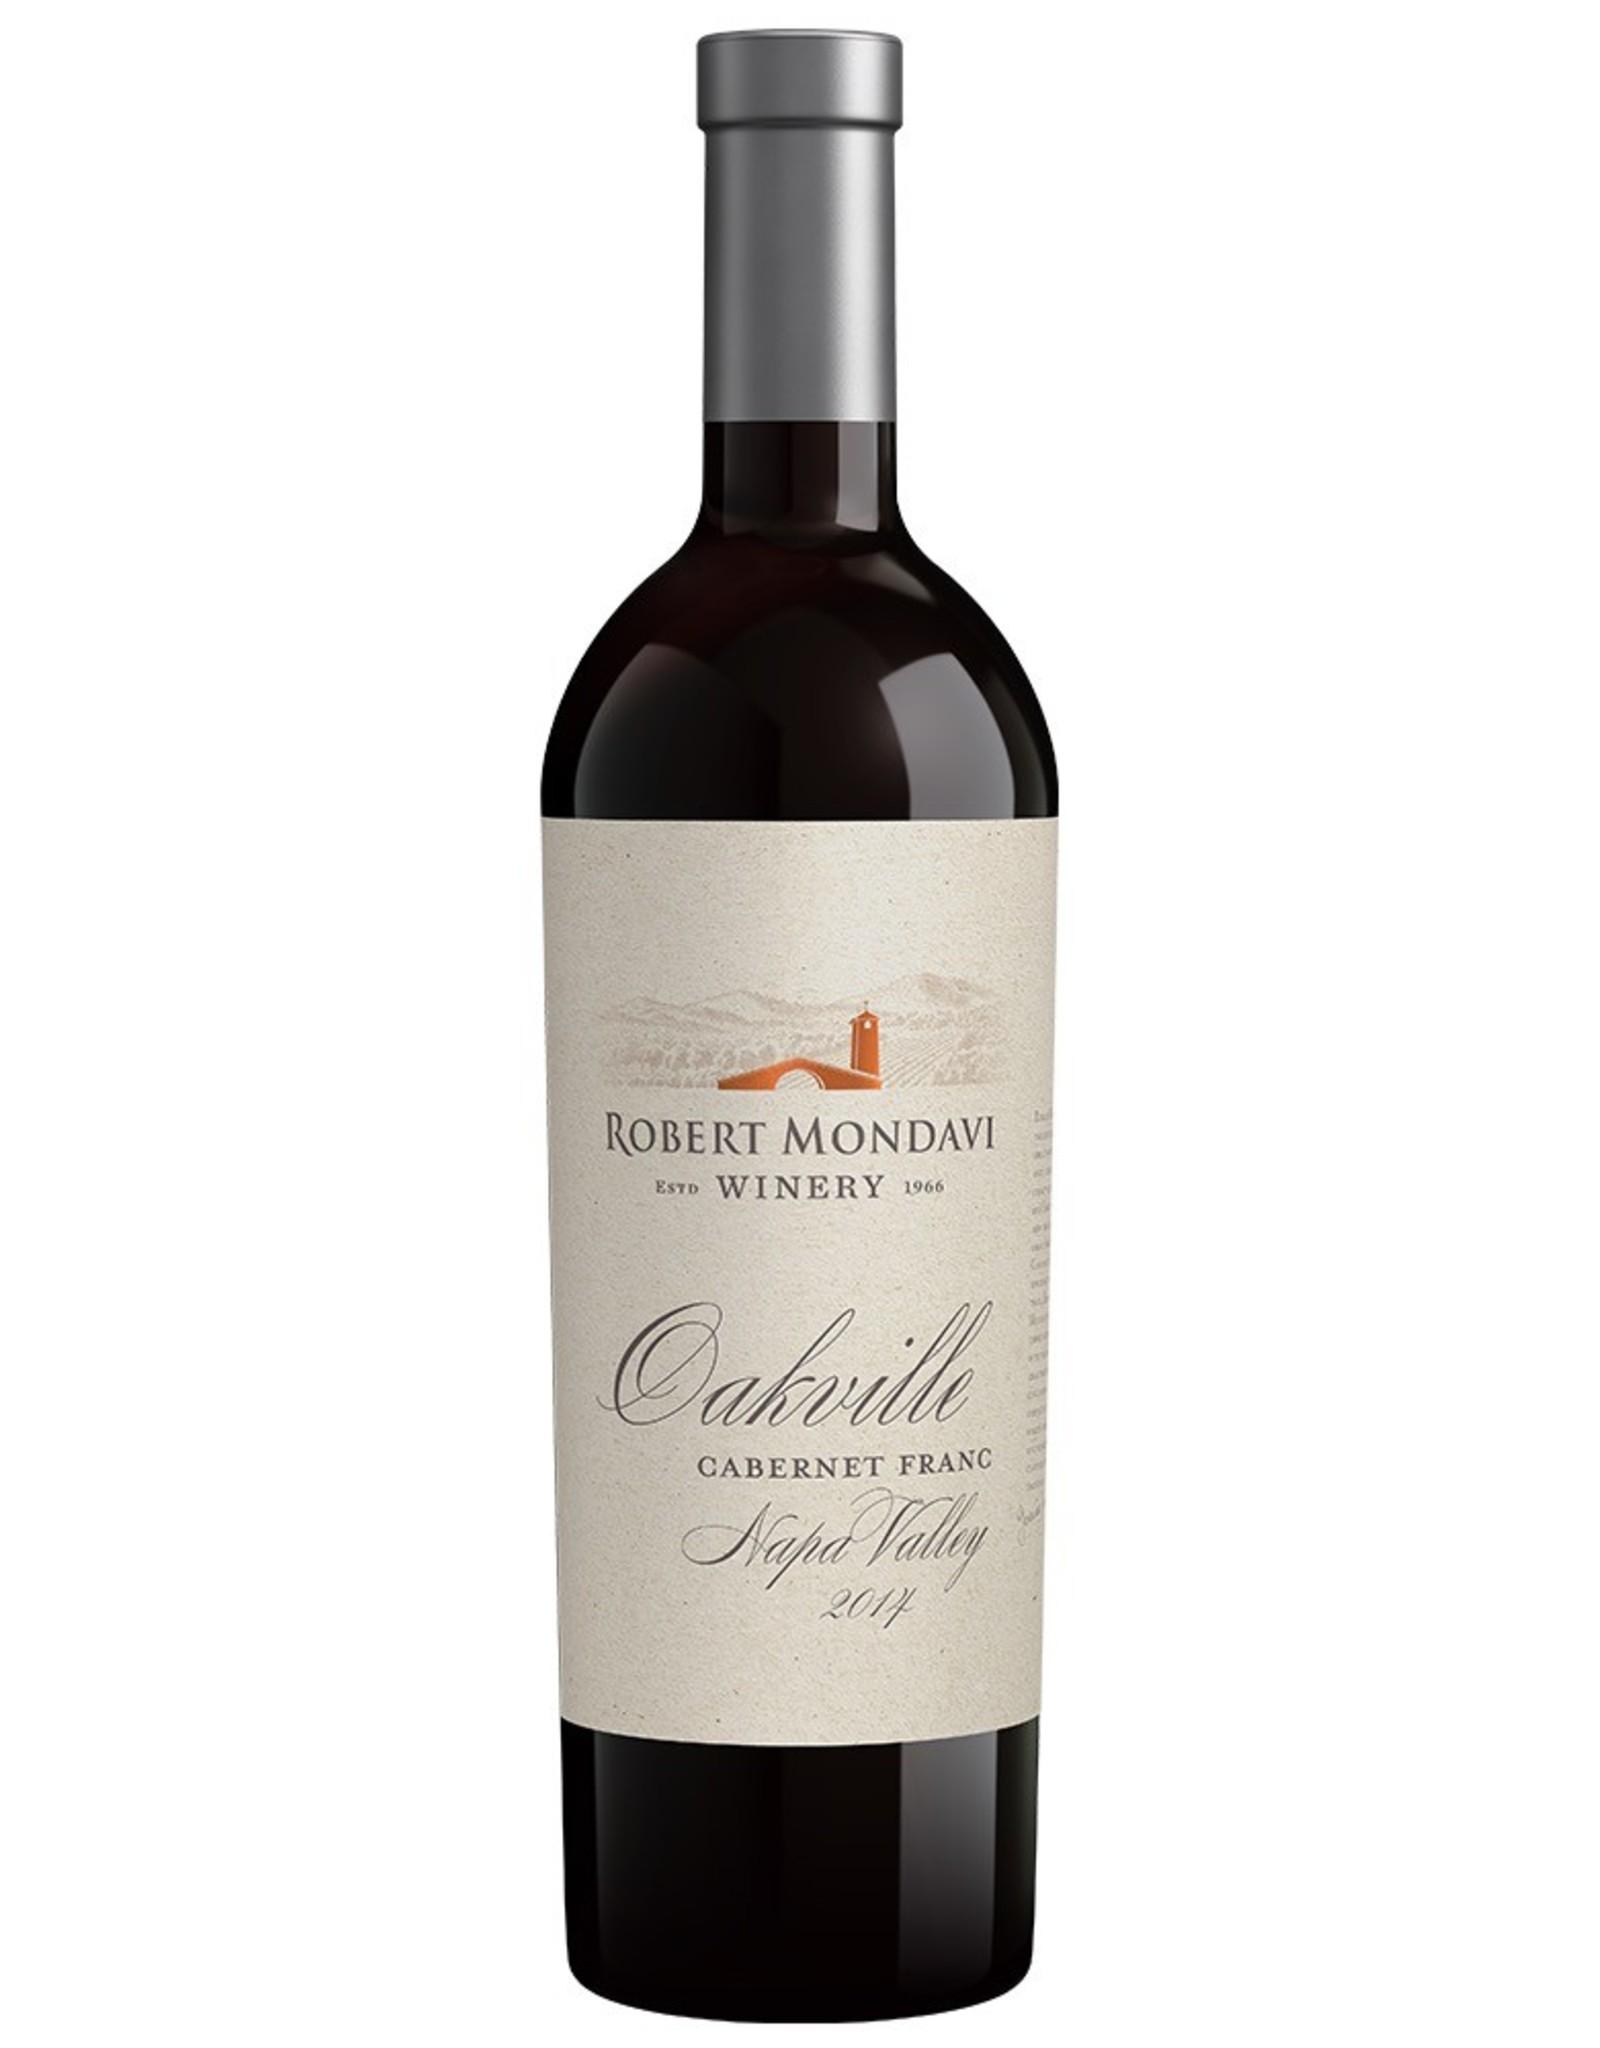 Red Wine 2014, Robert Mondavi, Cabernet Franc, Oakville To-Kalon, Napa, California, 14.5% Alc, CT